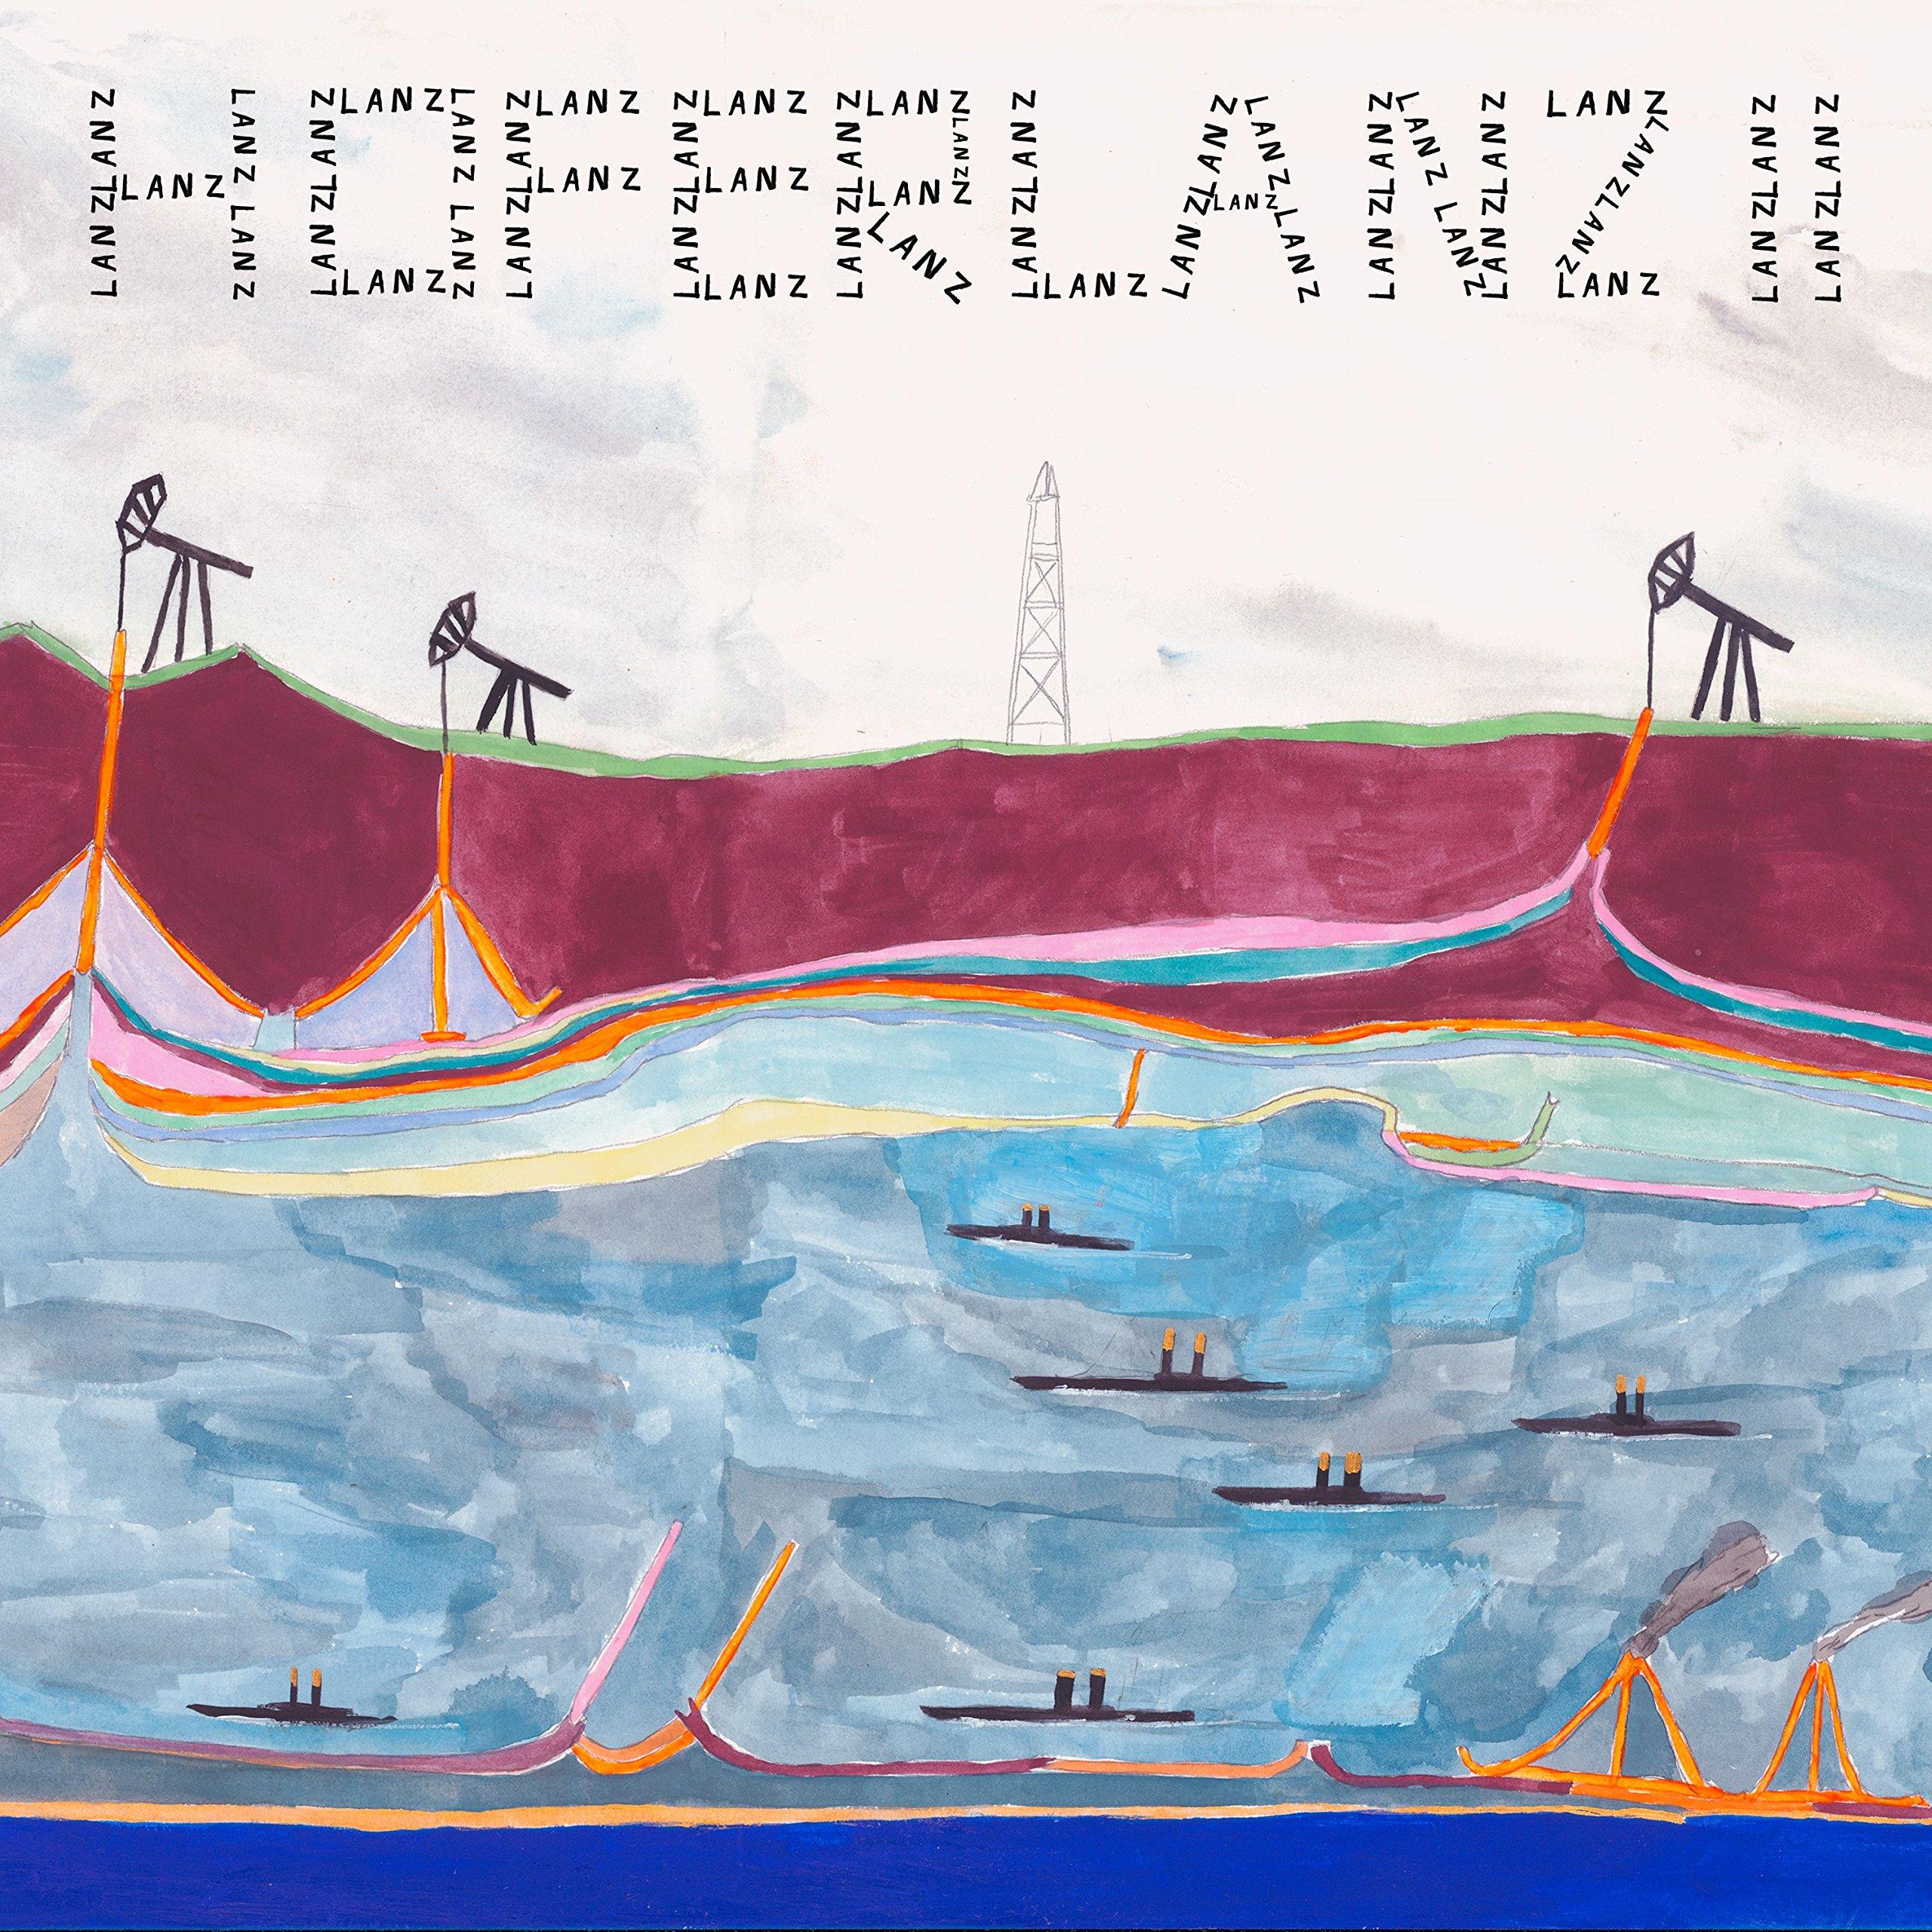 Cassette : LANZ - Hoferlanz Ii (Cassette)